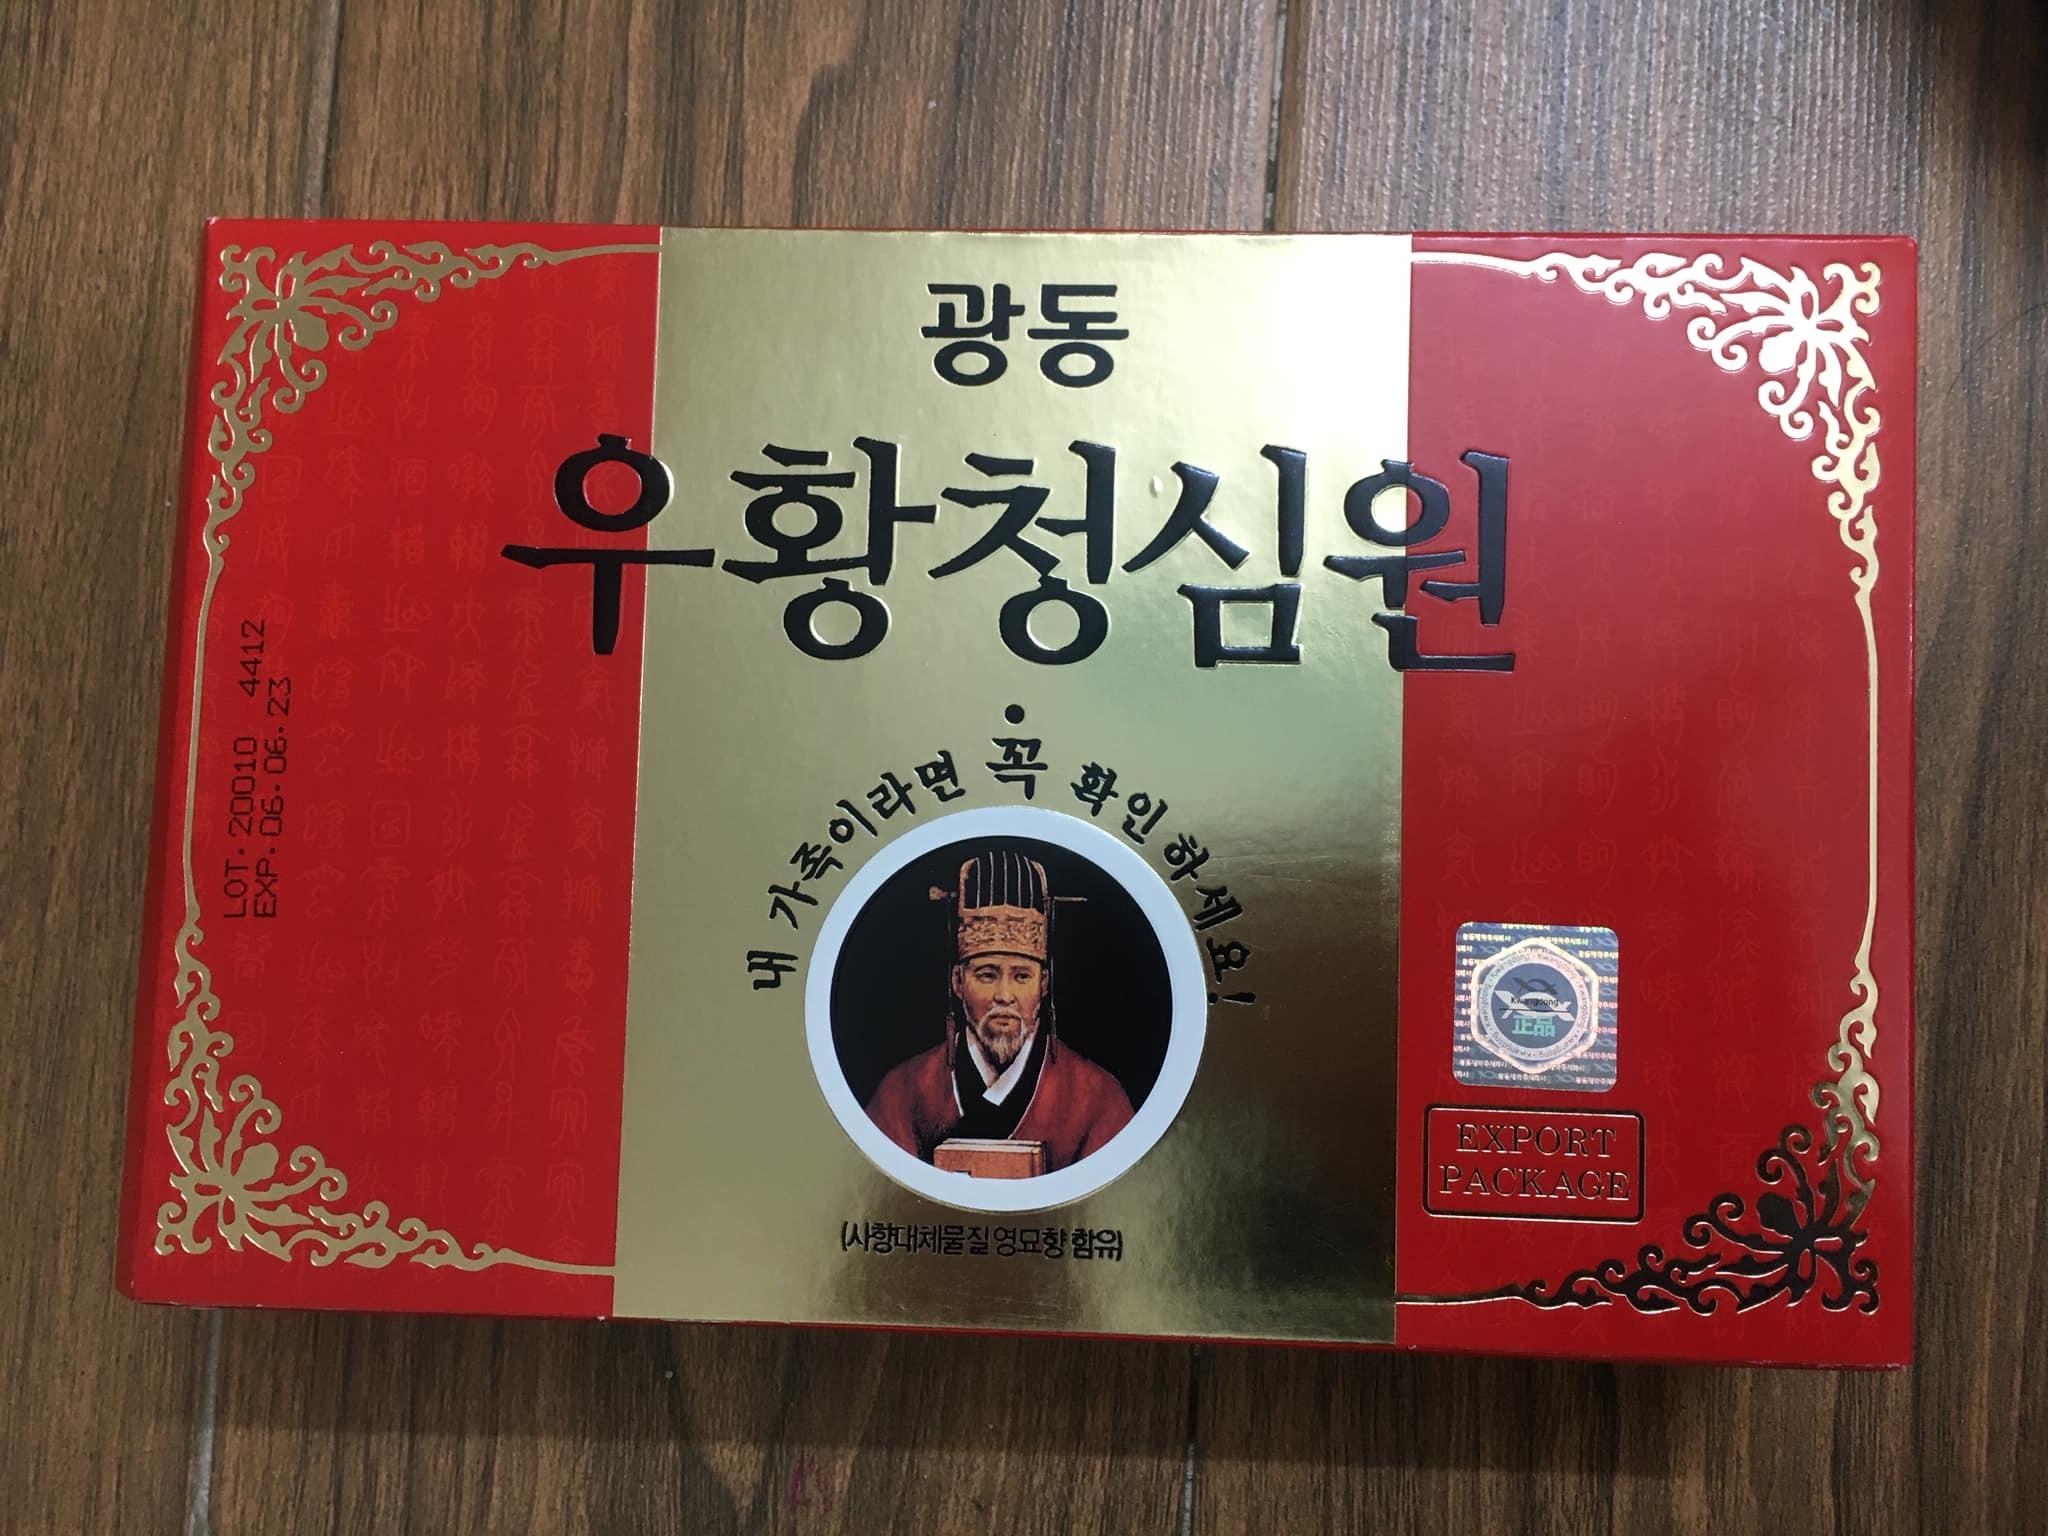 An Cung Ngưu Hoàng Hoàn Ông Cụ - Viên uống Vũ Hoàng Thanh Tâm Hàn Quốc